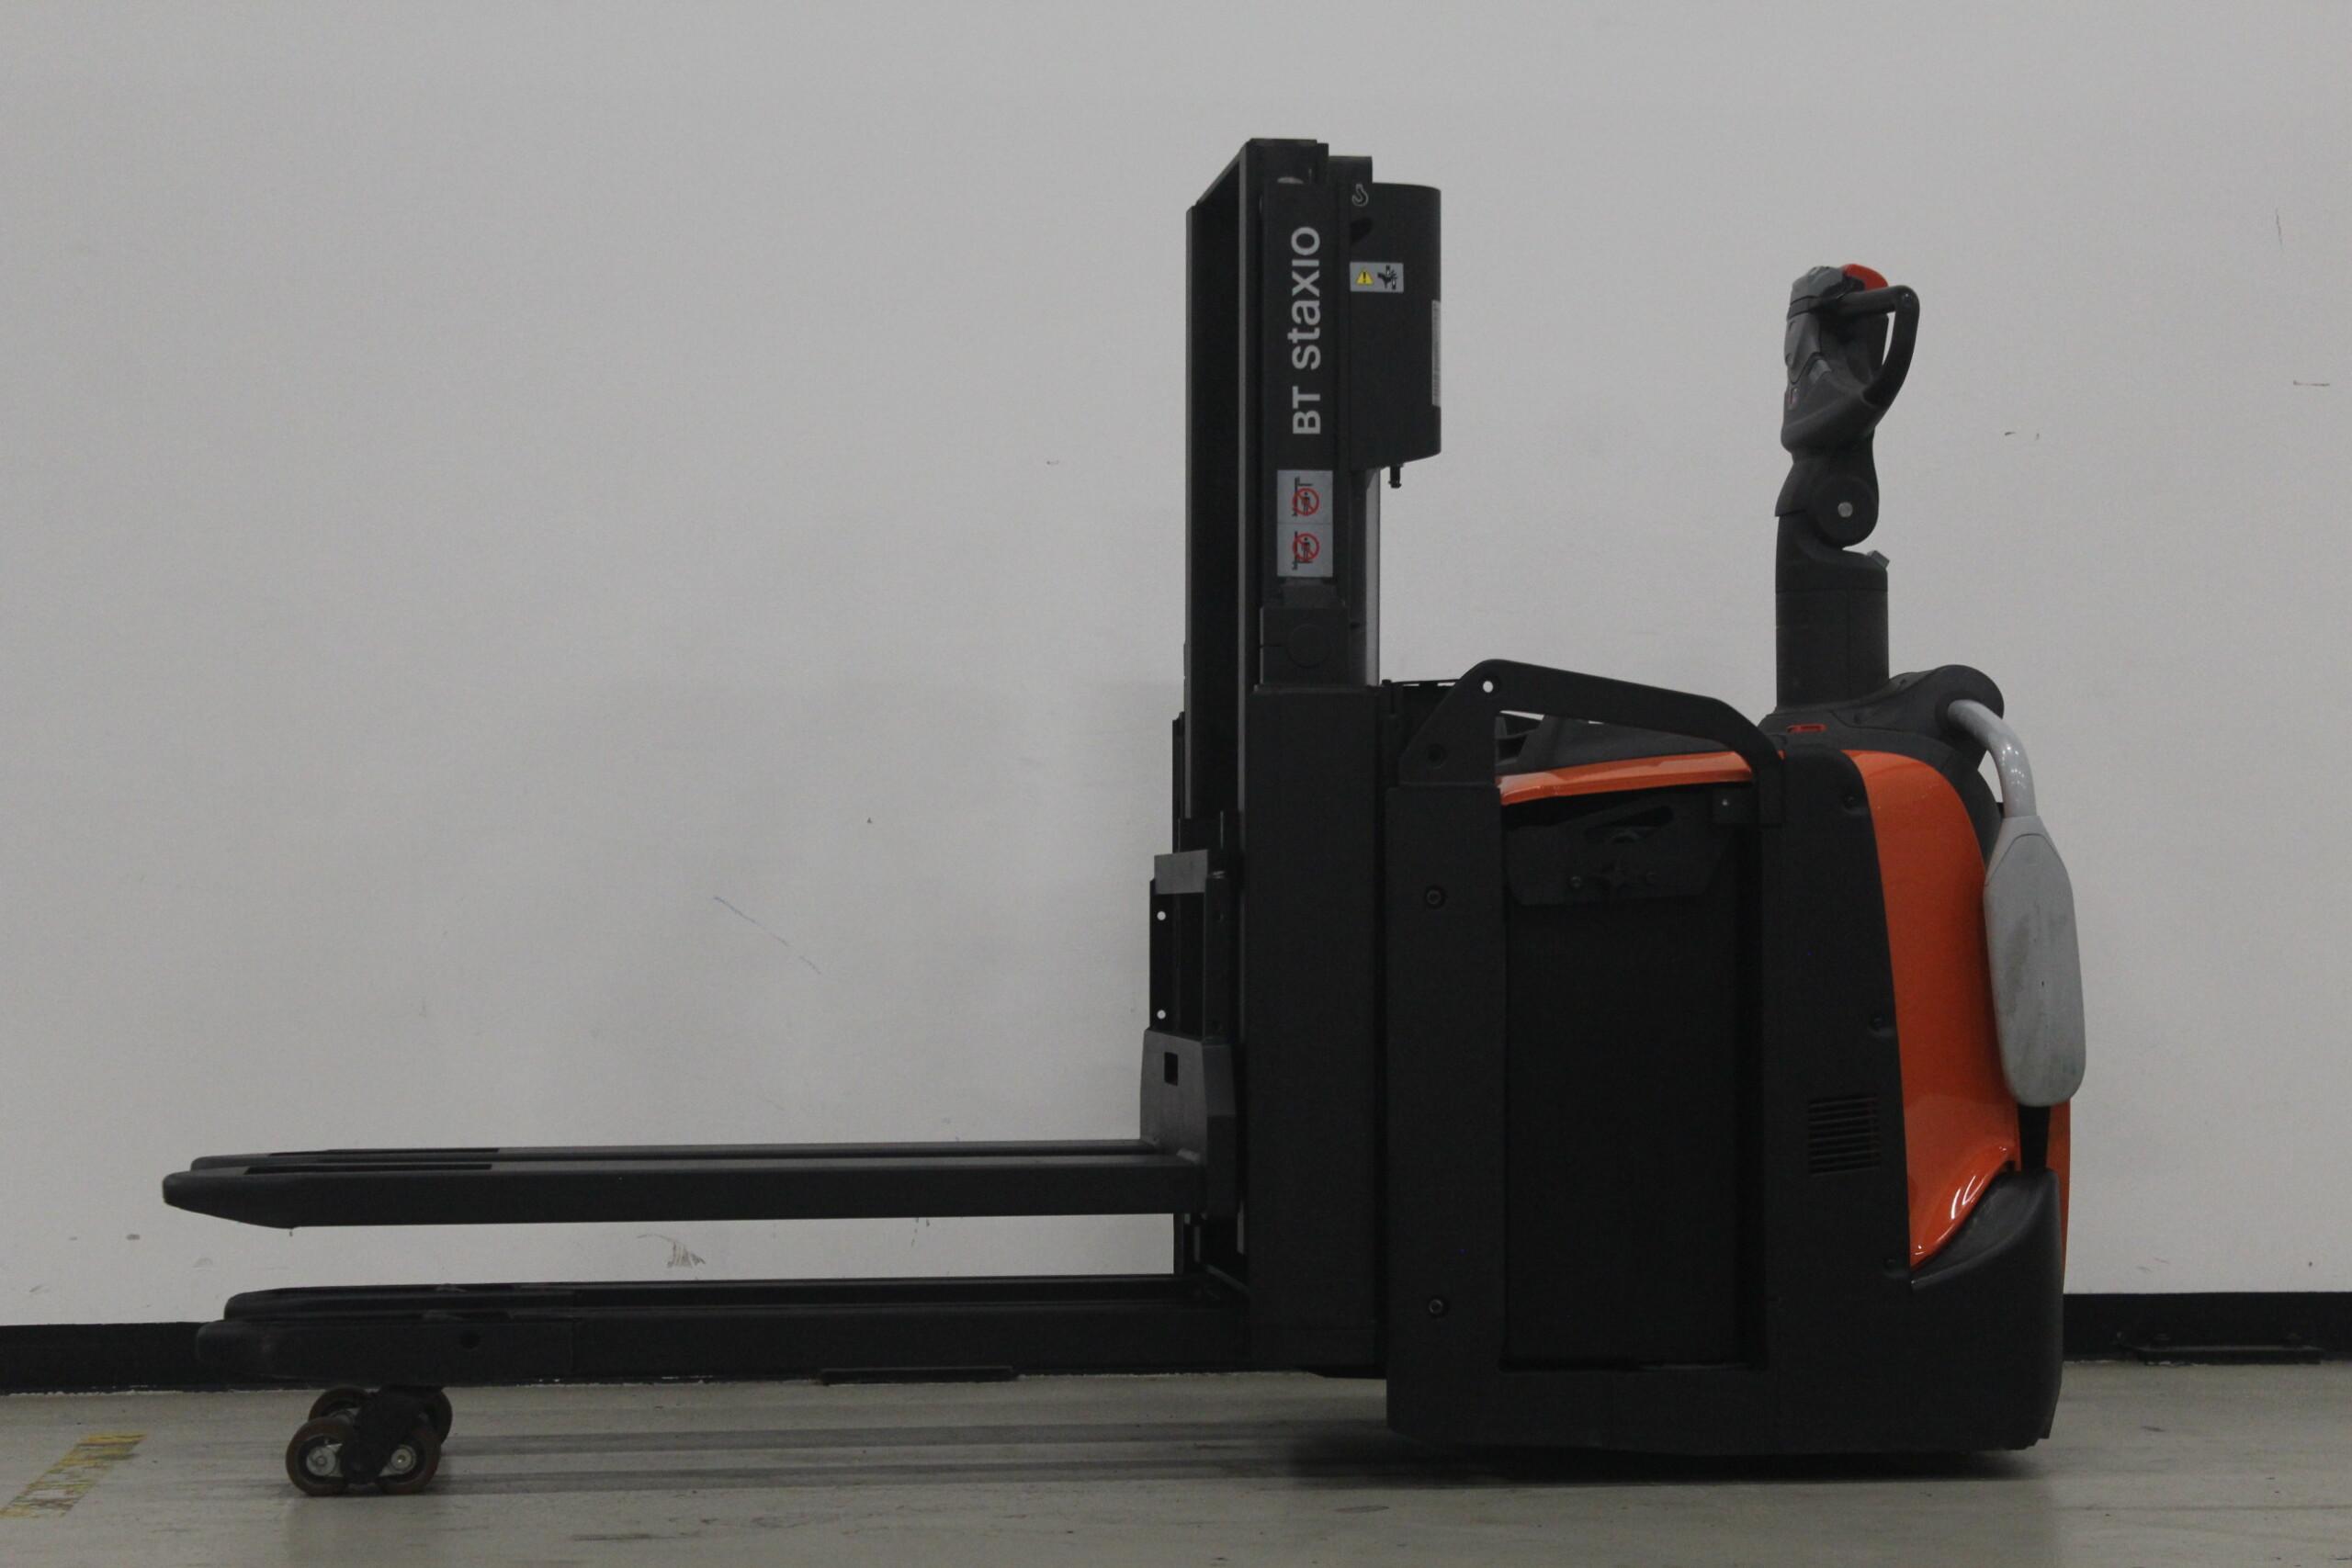 Toyota-Gabelstapler-59840 1712007106 1 23 scaled